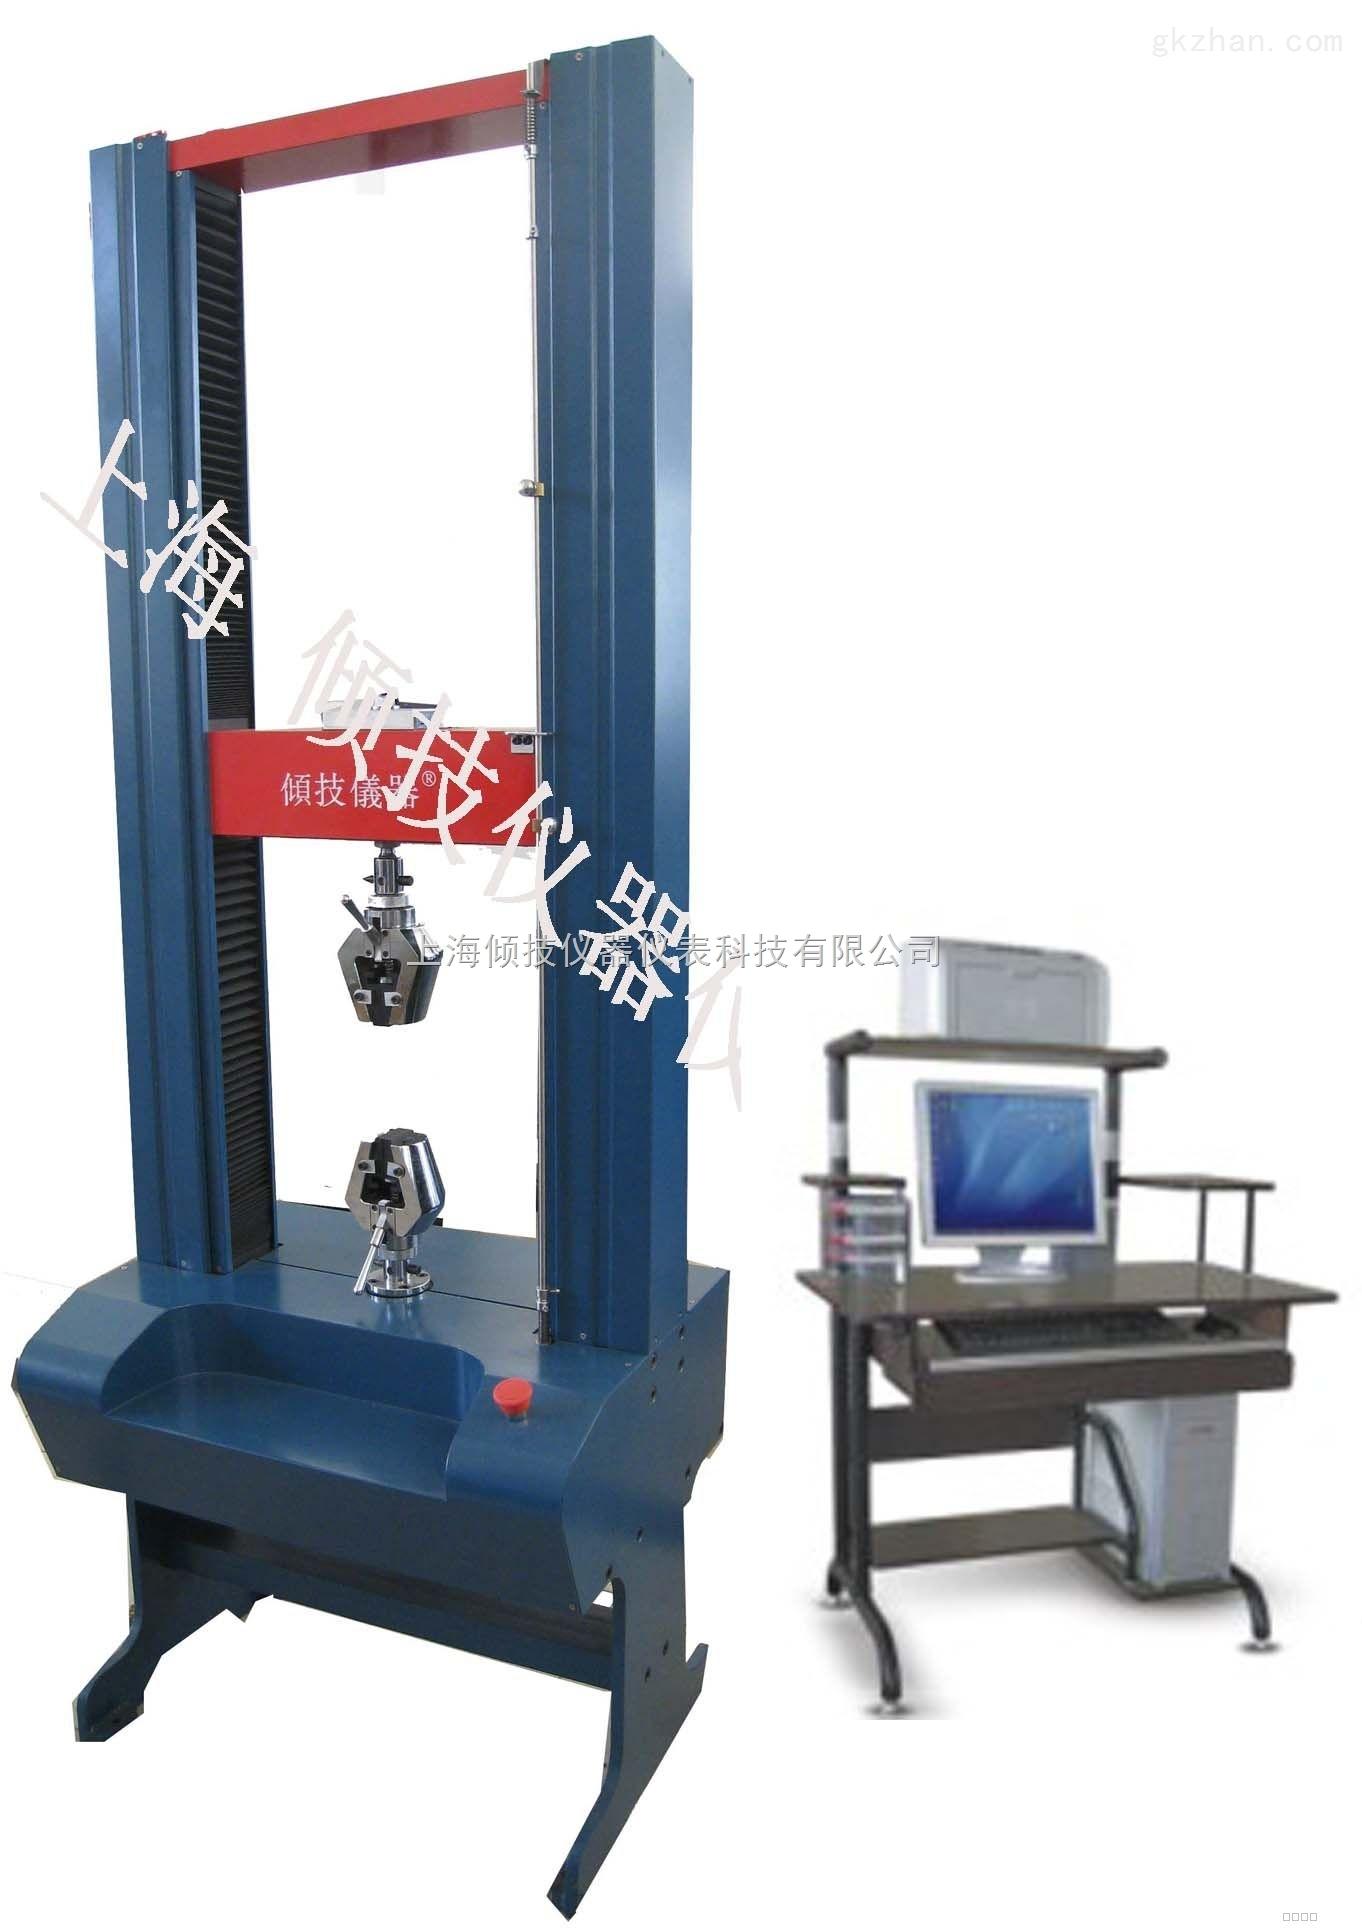 钢丝绳实验机、钢丝绳拉伸测试仪、钢丝绳拉伸试验机